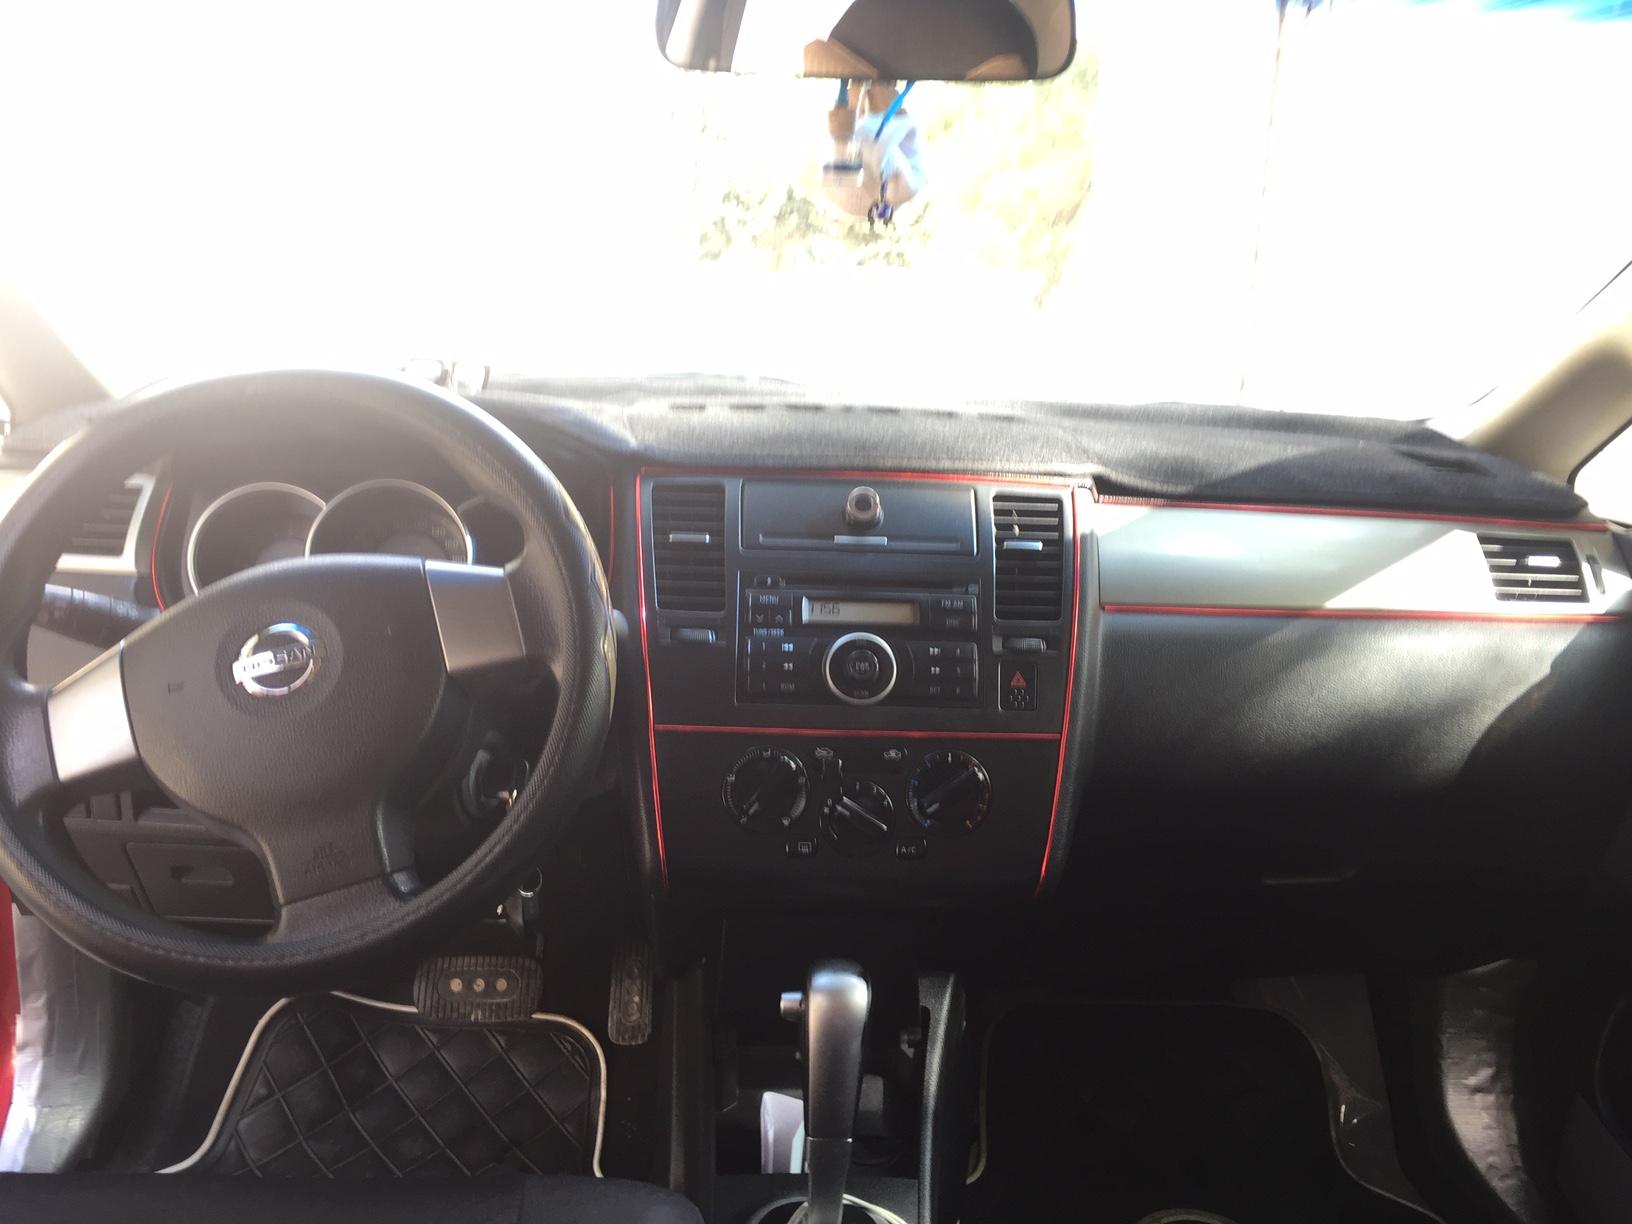 Nissan Tiida 1.6(lt) 2007 Подержанный  $8000